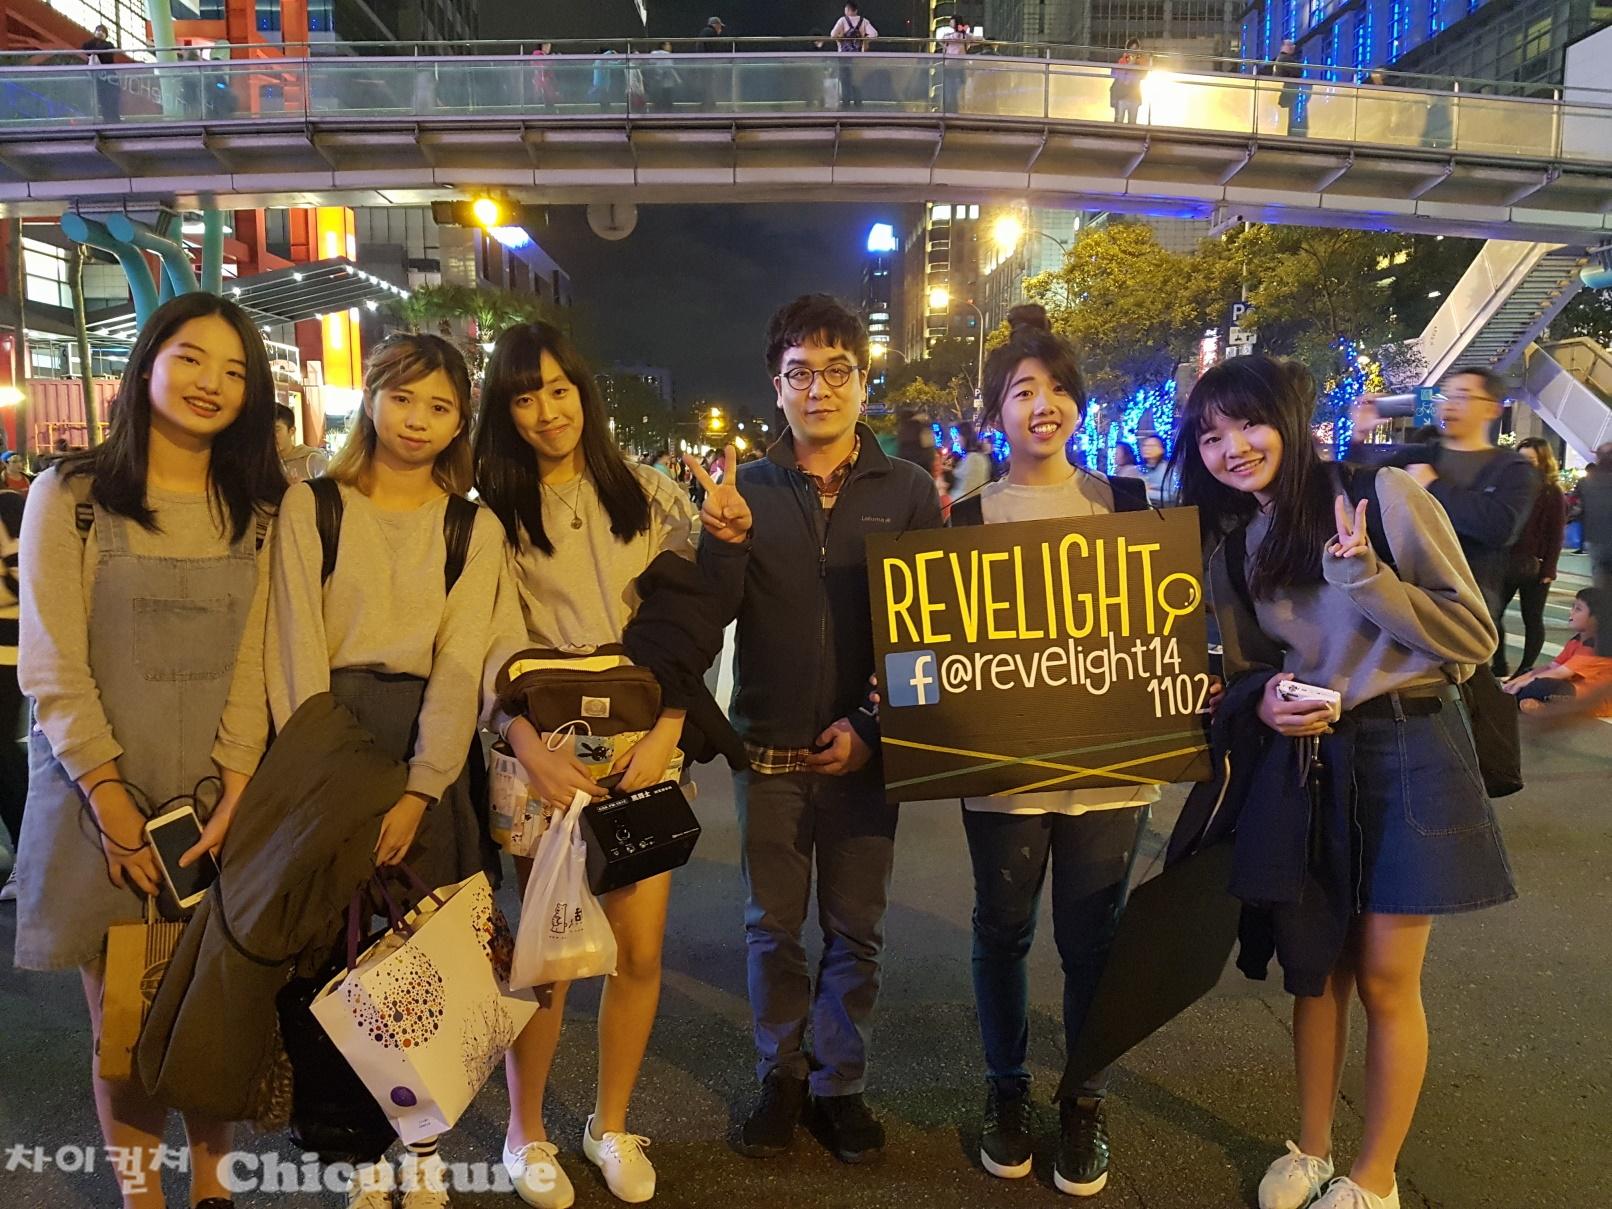 대만소녀들의 트와이스 TT 댄스커버